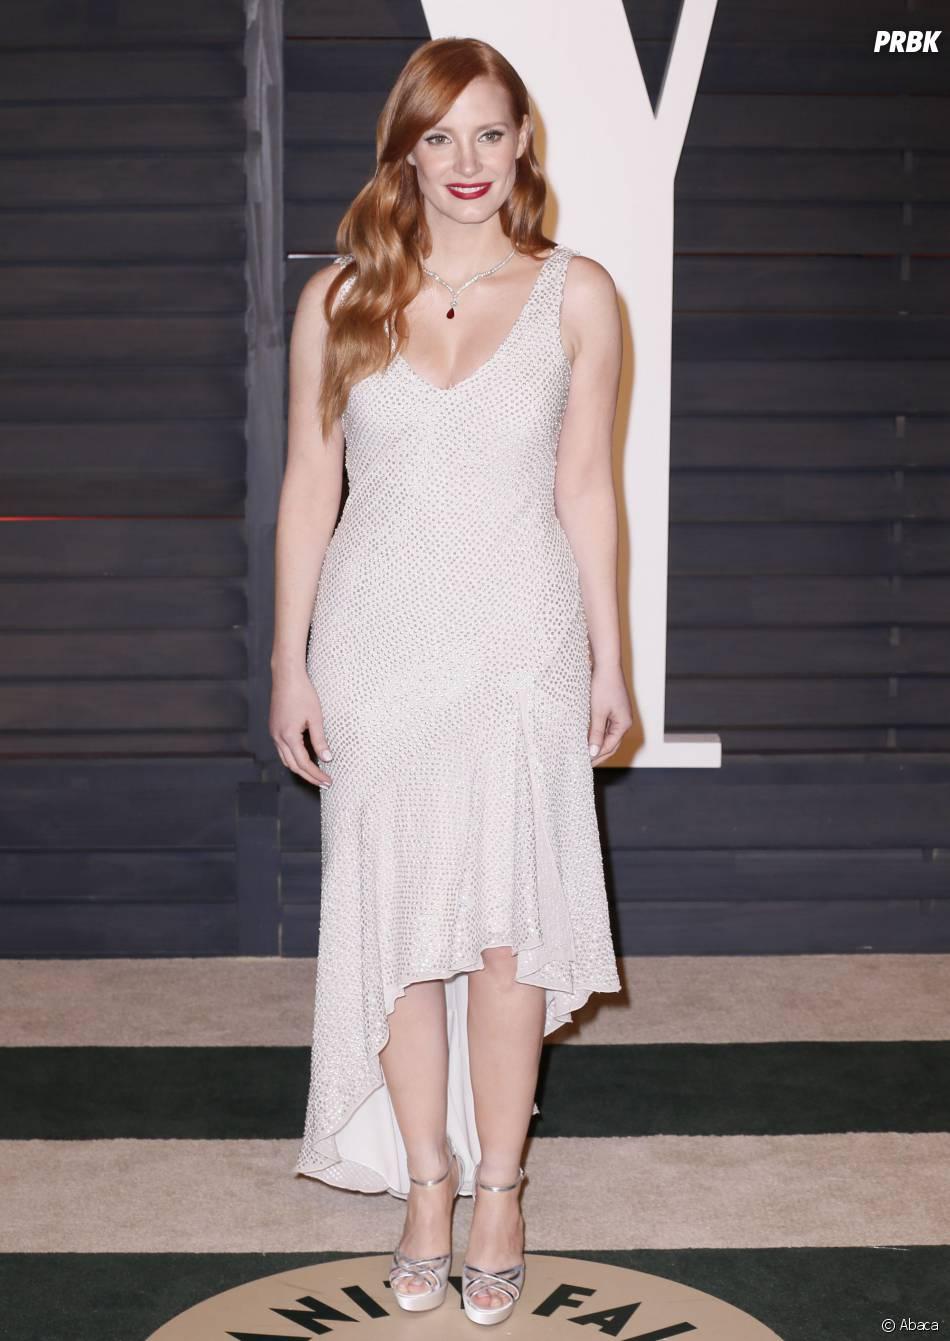 Jessica Chastain en H&M à l'after party des Oscars 2015 organisée par Vanity Fair le 22 février